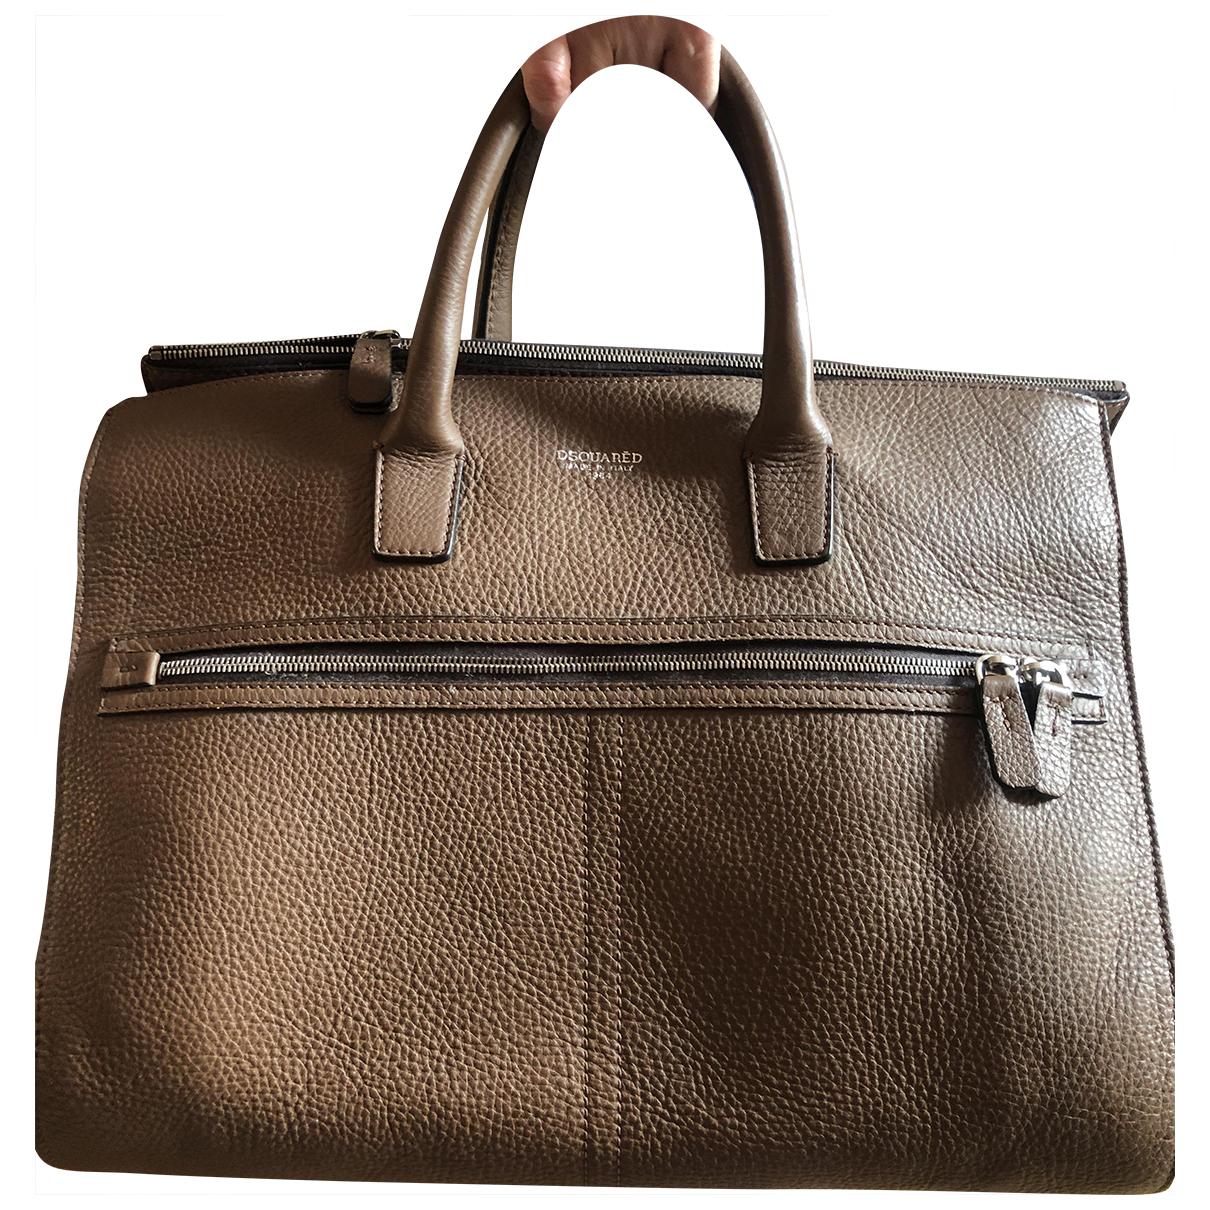 Dsquared2 - Sac de voyage   pour femme en cuir - marron